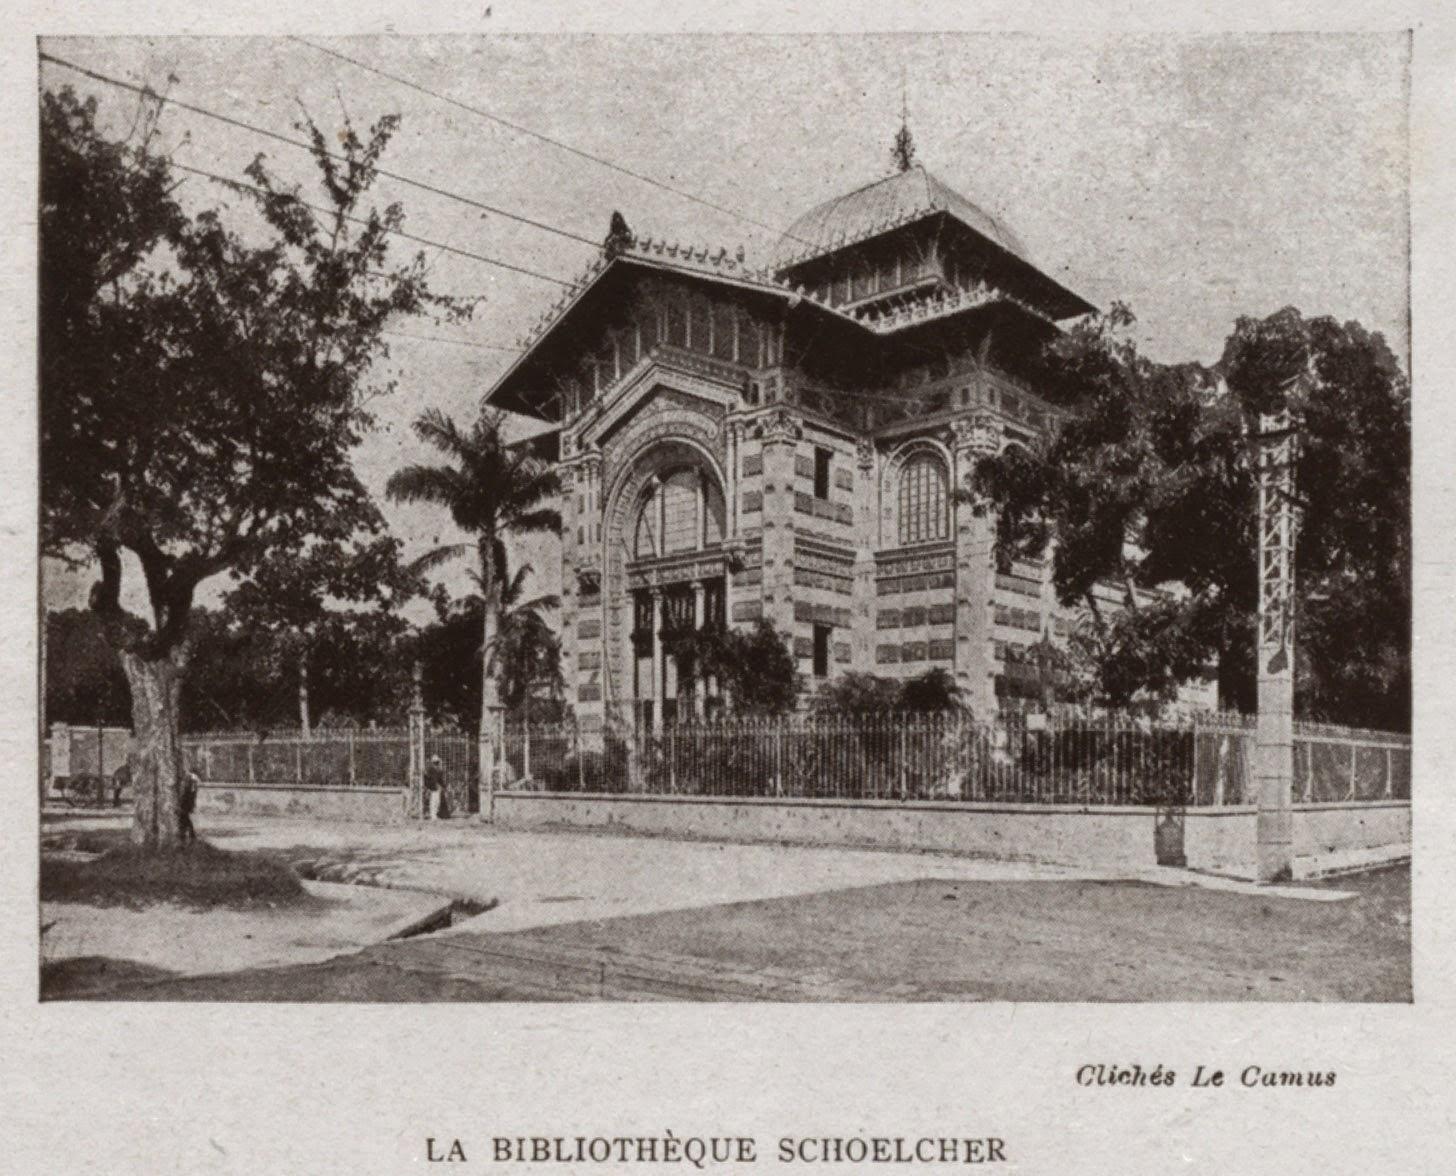 Bibliothèque Schœlcher